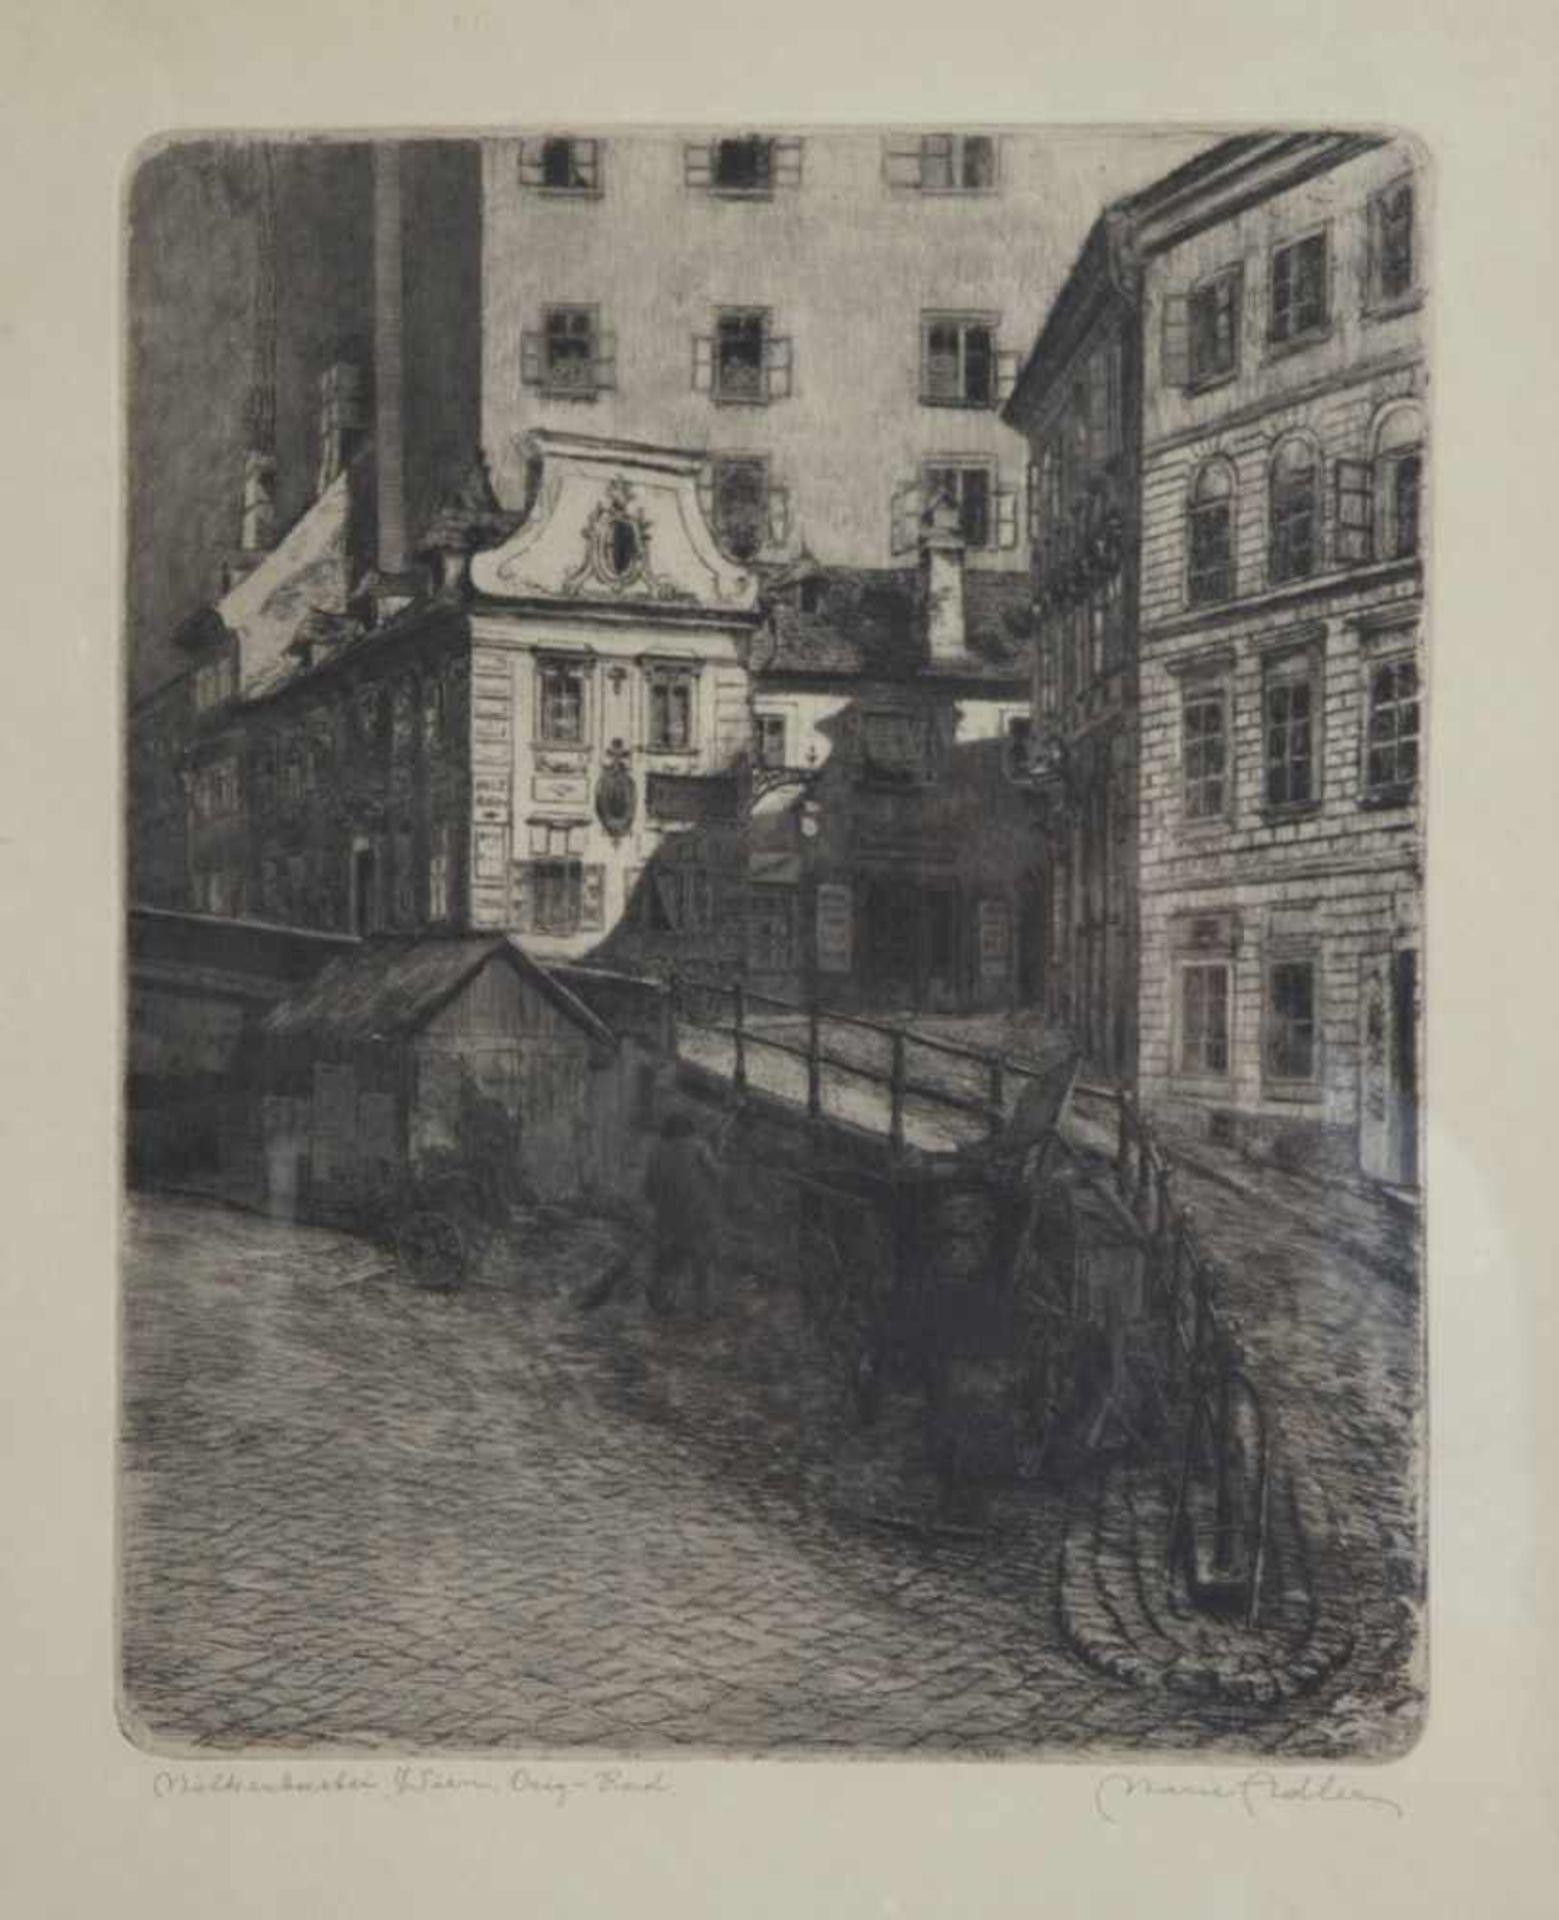 Los 11 - Marie Adler (1863-1947)